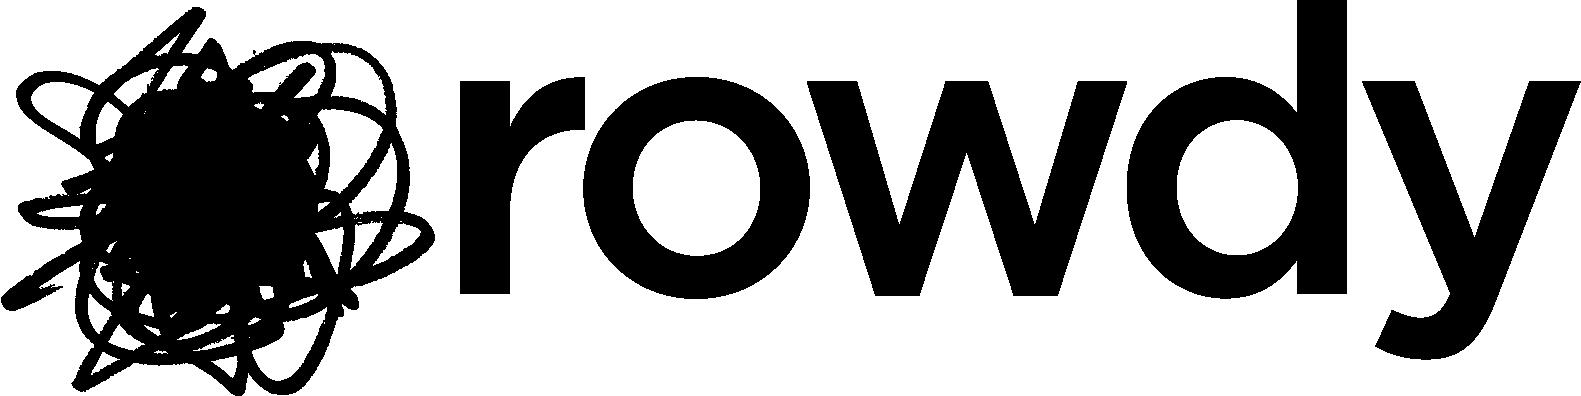 Rowdy-digitalArtboard 1.png